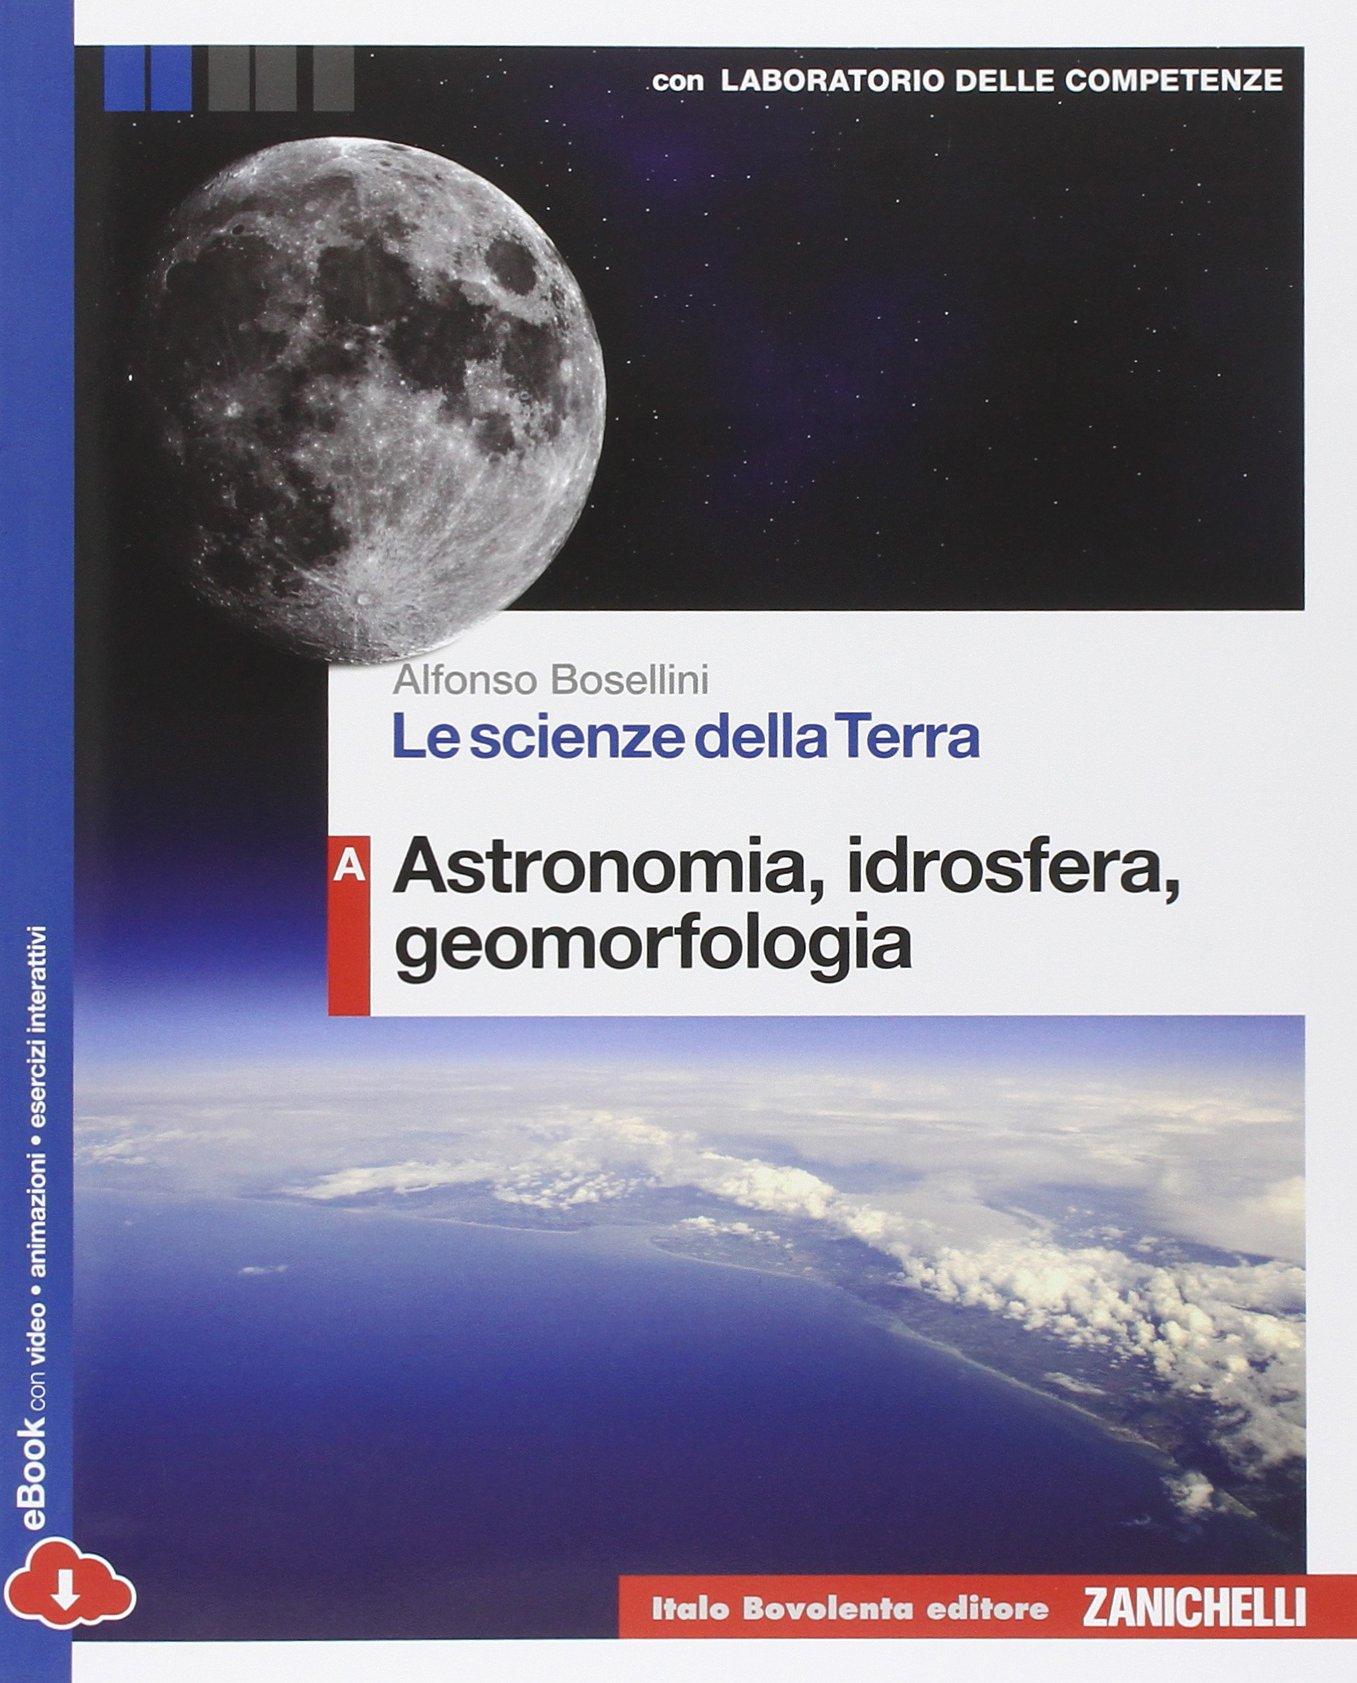 Le scienze della terra – Volume A + Laboratorio delle competenze, libri di scienza per le scuole superiori